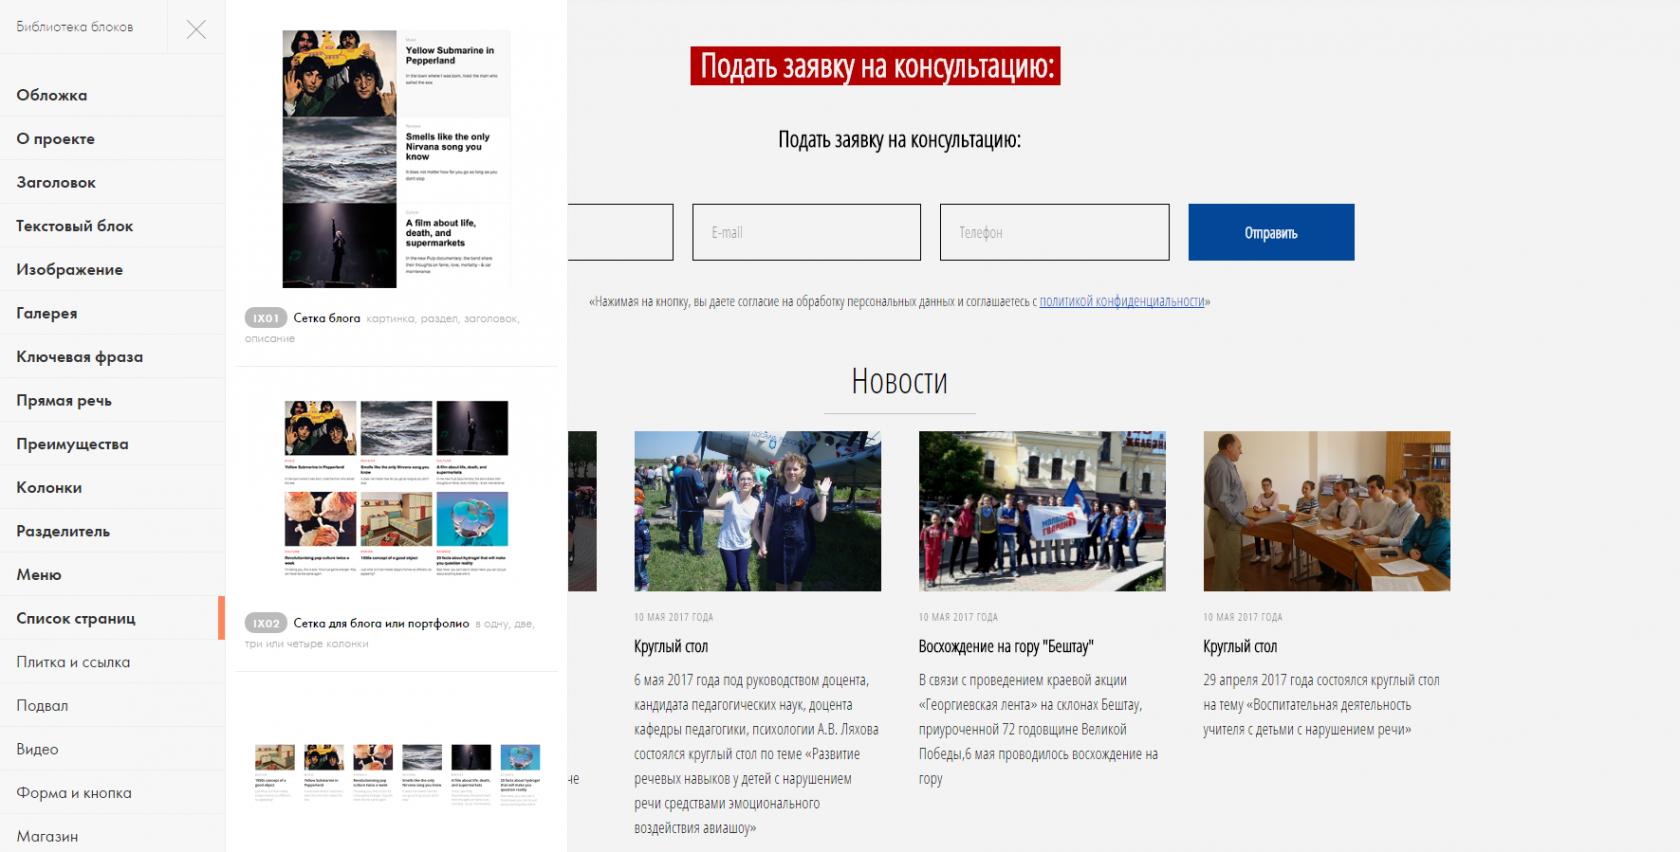 Создание сайтов в ессентуках новый виртуальный почтовый сервер